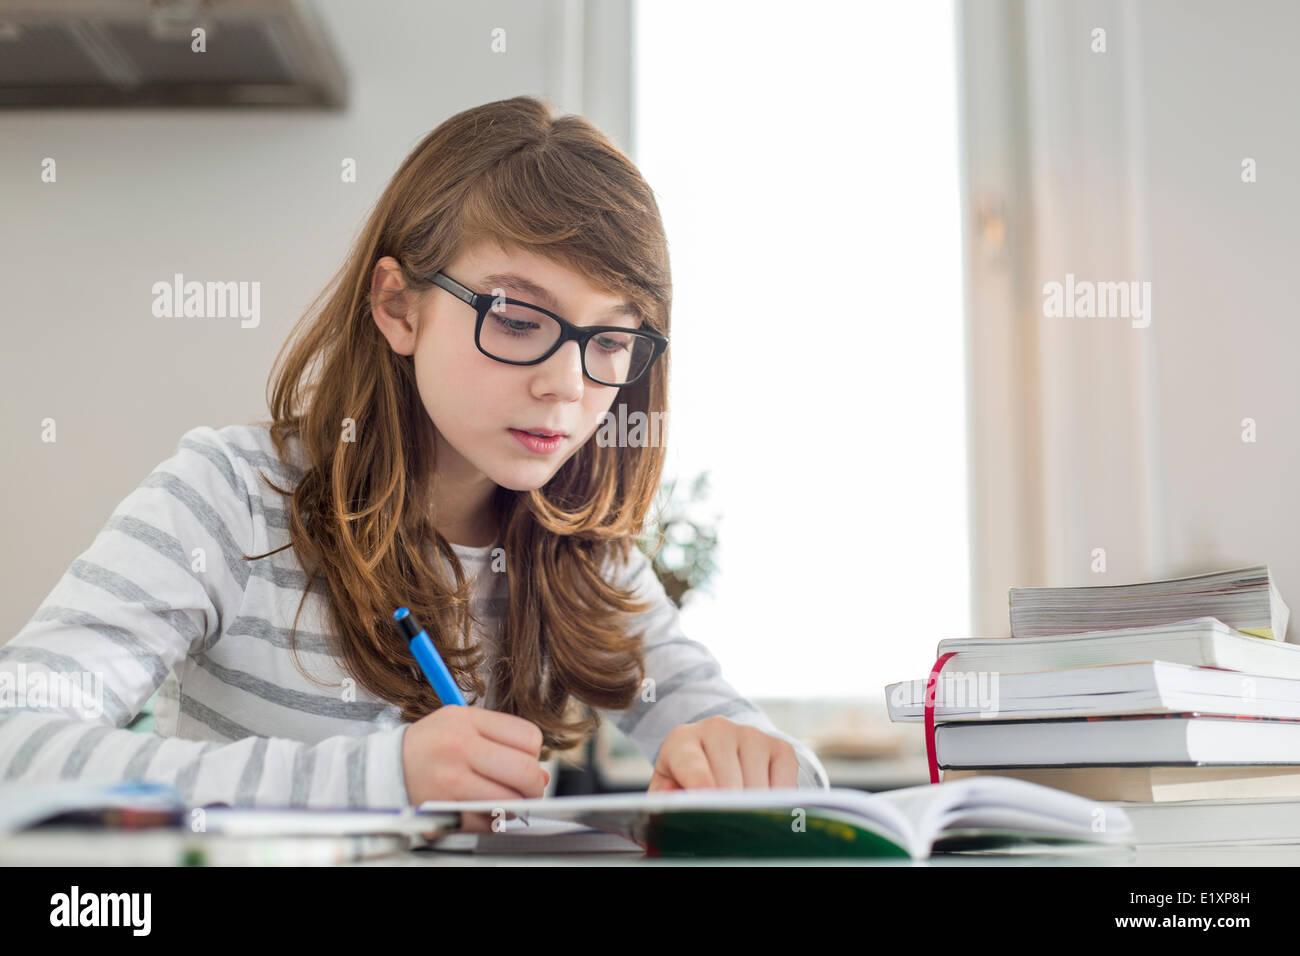 Teenage girl doing homework at table - Stock Image